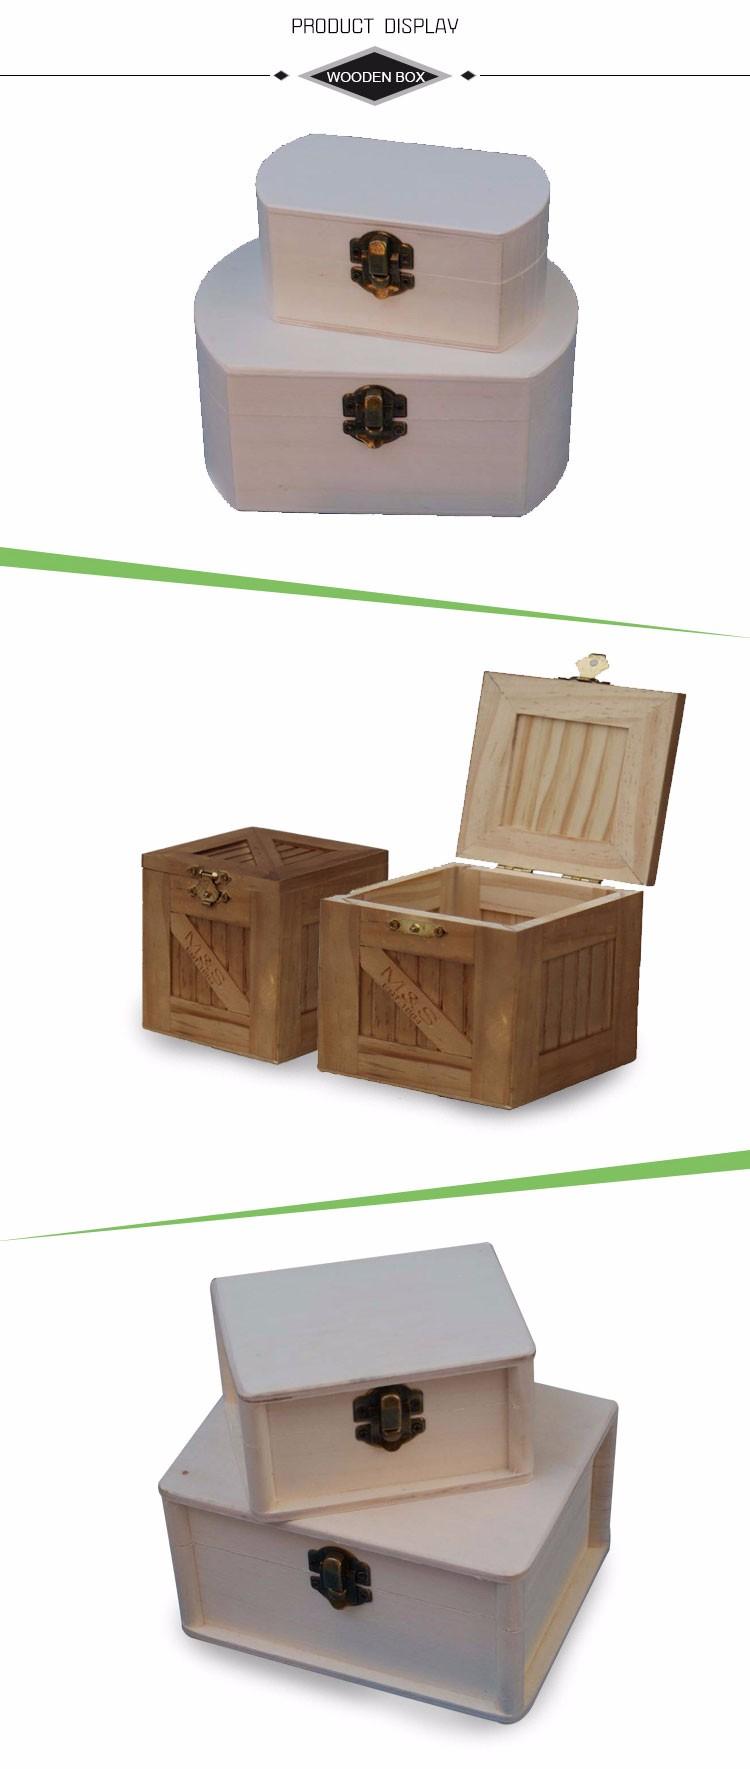 gros plaine en bois sur mesure bo te d 39 emballage alimentaire caisses d 39 emballage id de produit. Black Bedroom Furniture Sets. Home Design Ideas